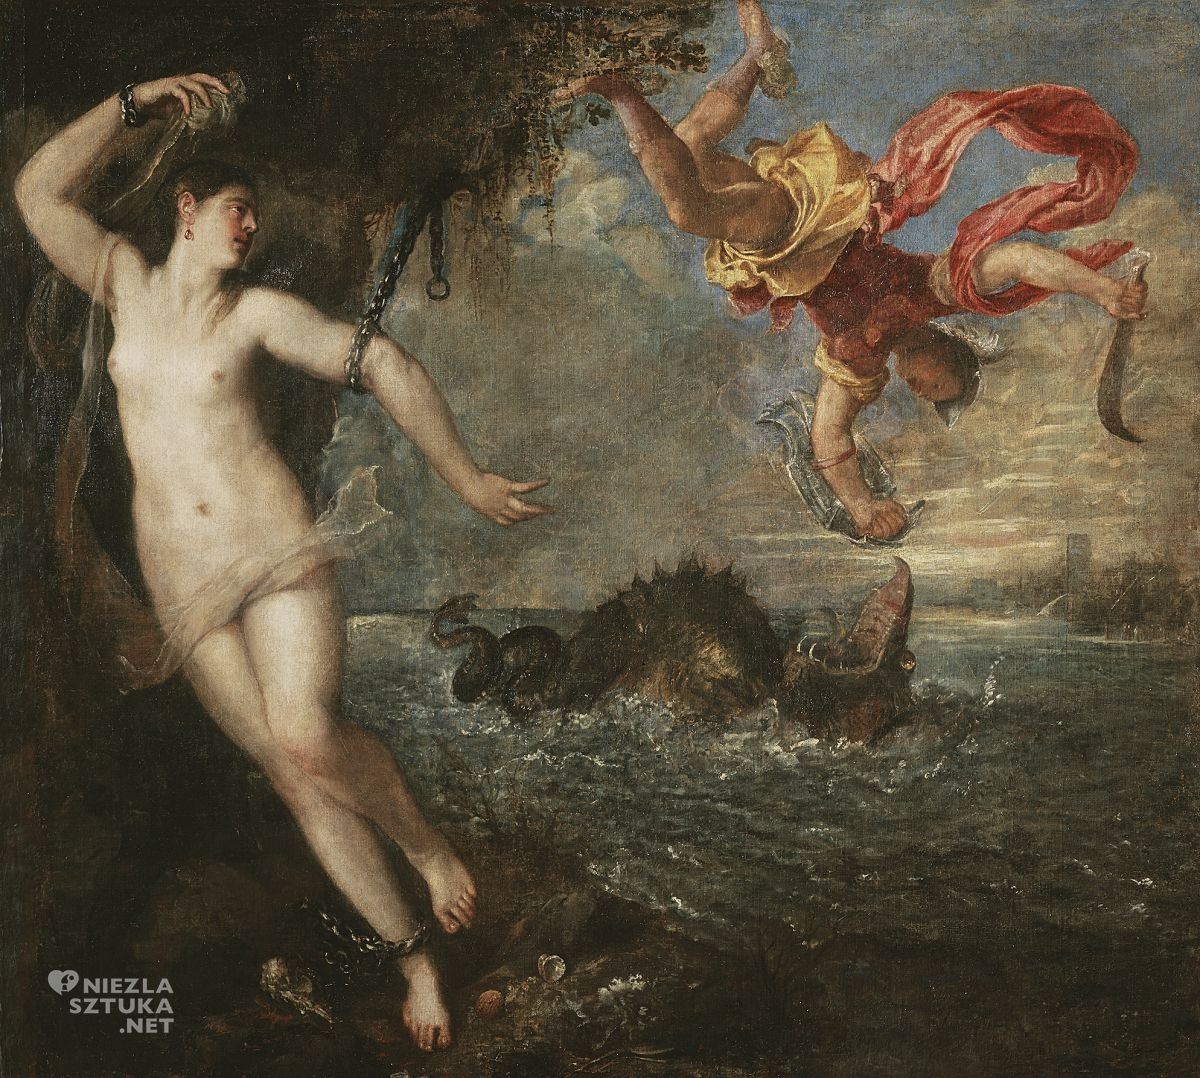 Tycjan, Perseusz i Andromeda, renesans, sztuka włoska, Niezła Sztuka